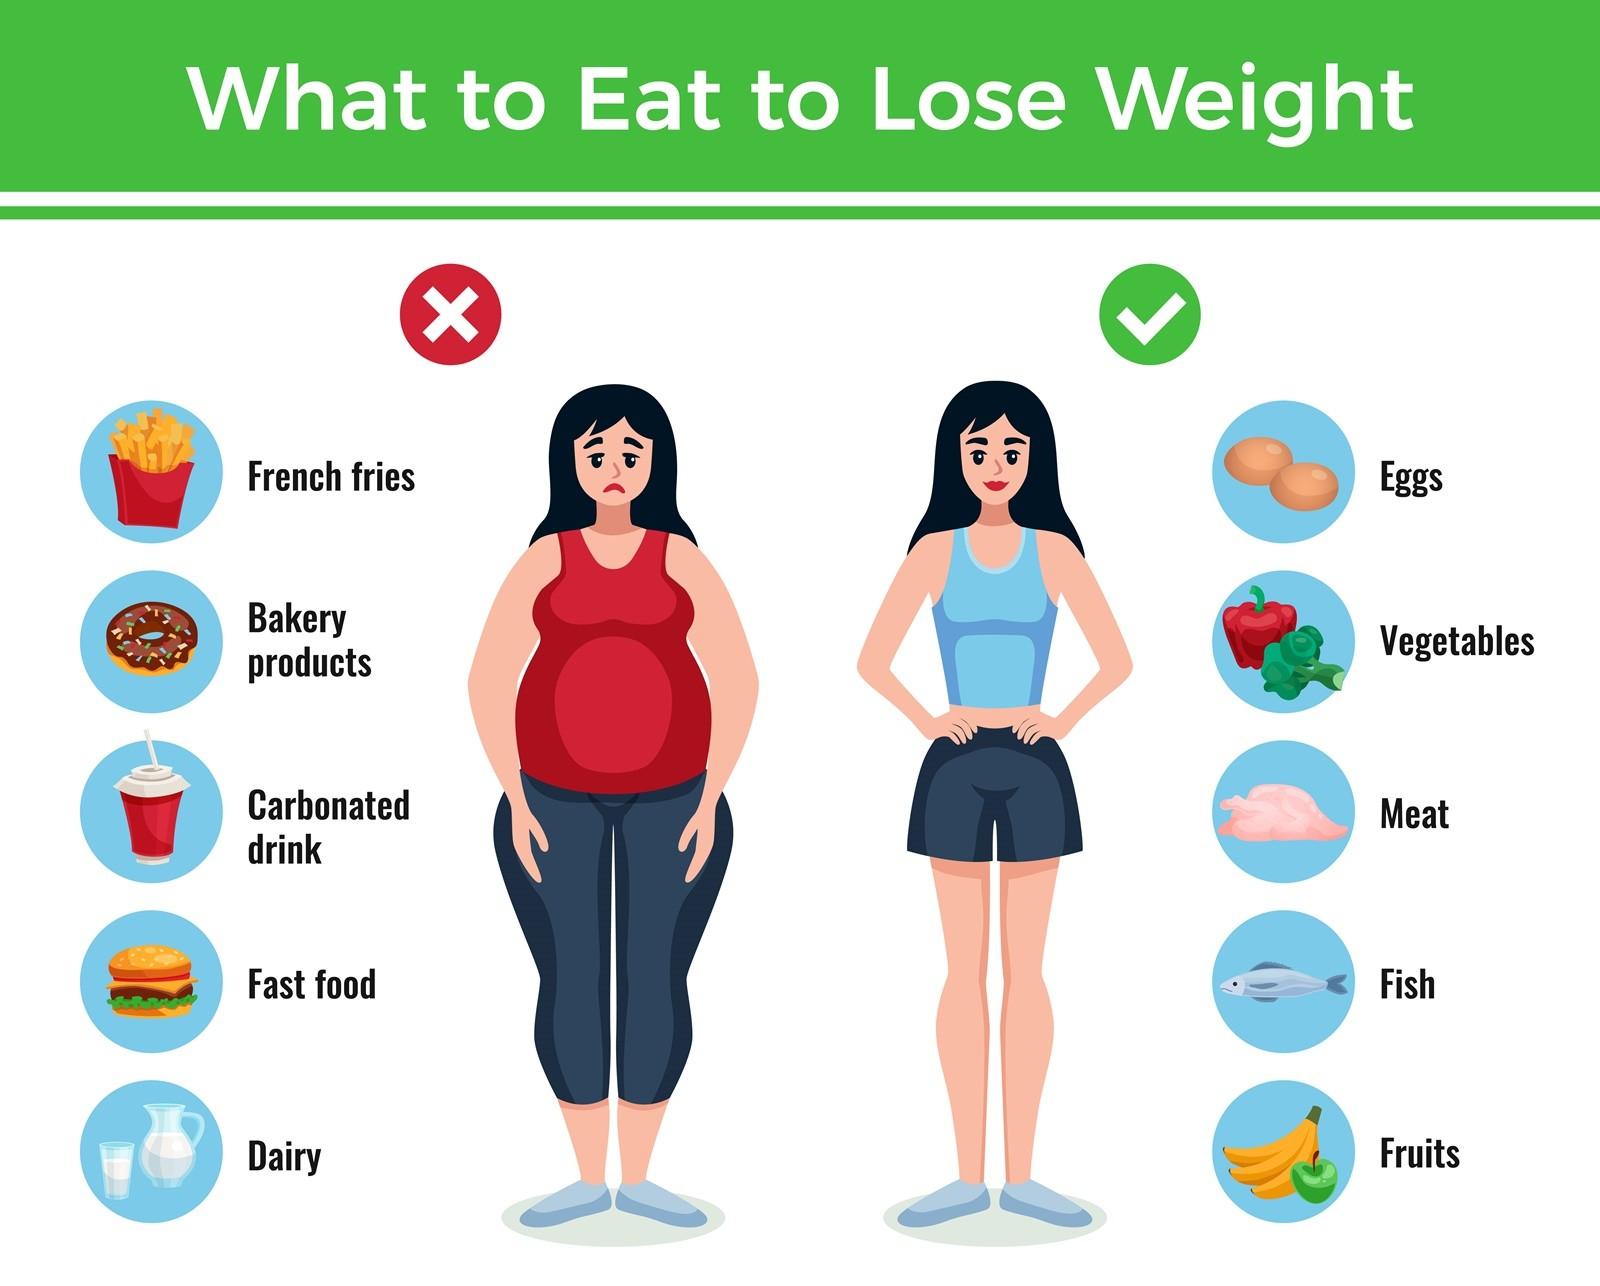 การลดความอ้วนโดยไม่ต้องอดอาหาร